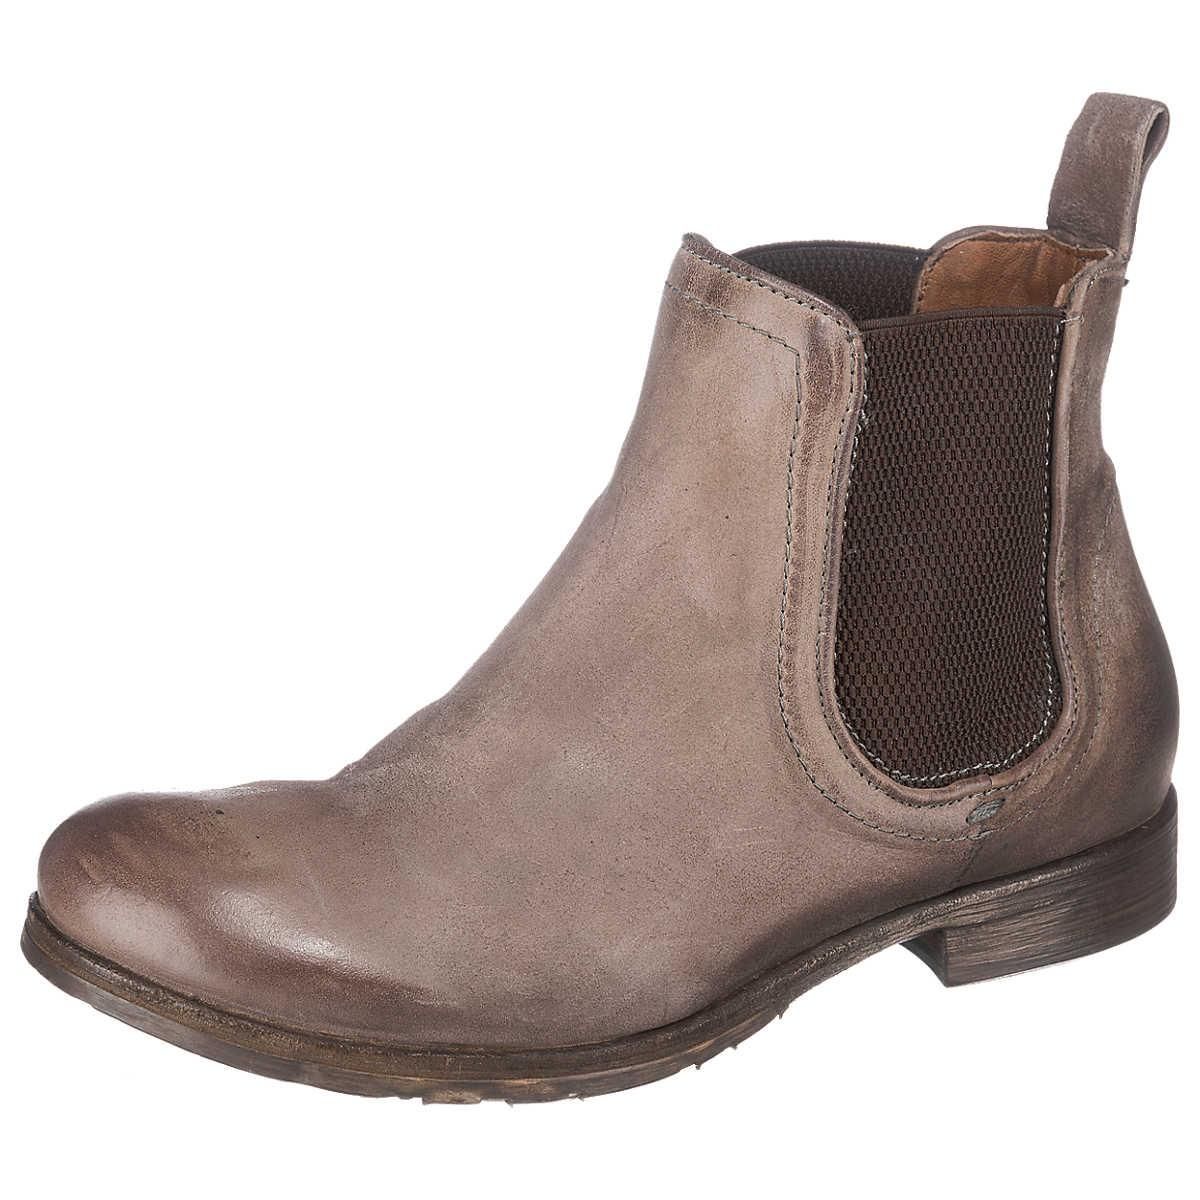 A.S.98 Stiefeletten grau - A.S.98 - Stiefeletten - Schuhe - mirapodo.de